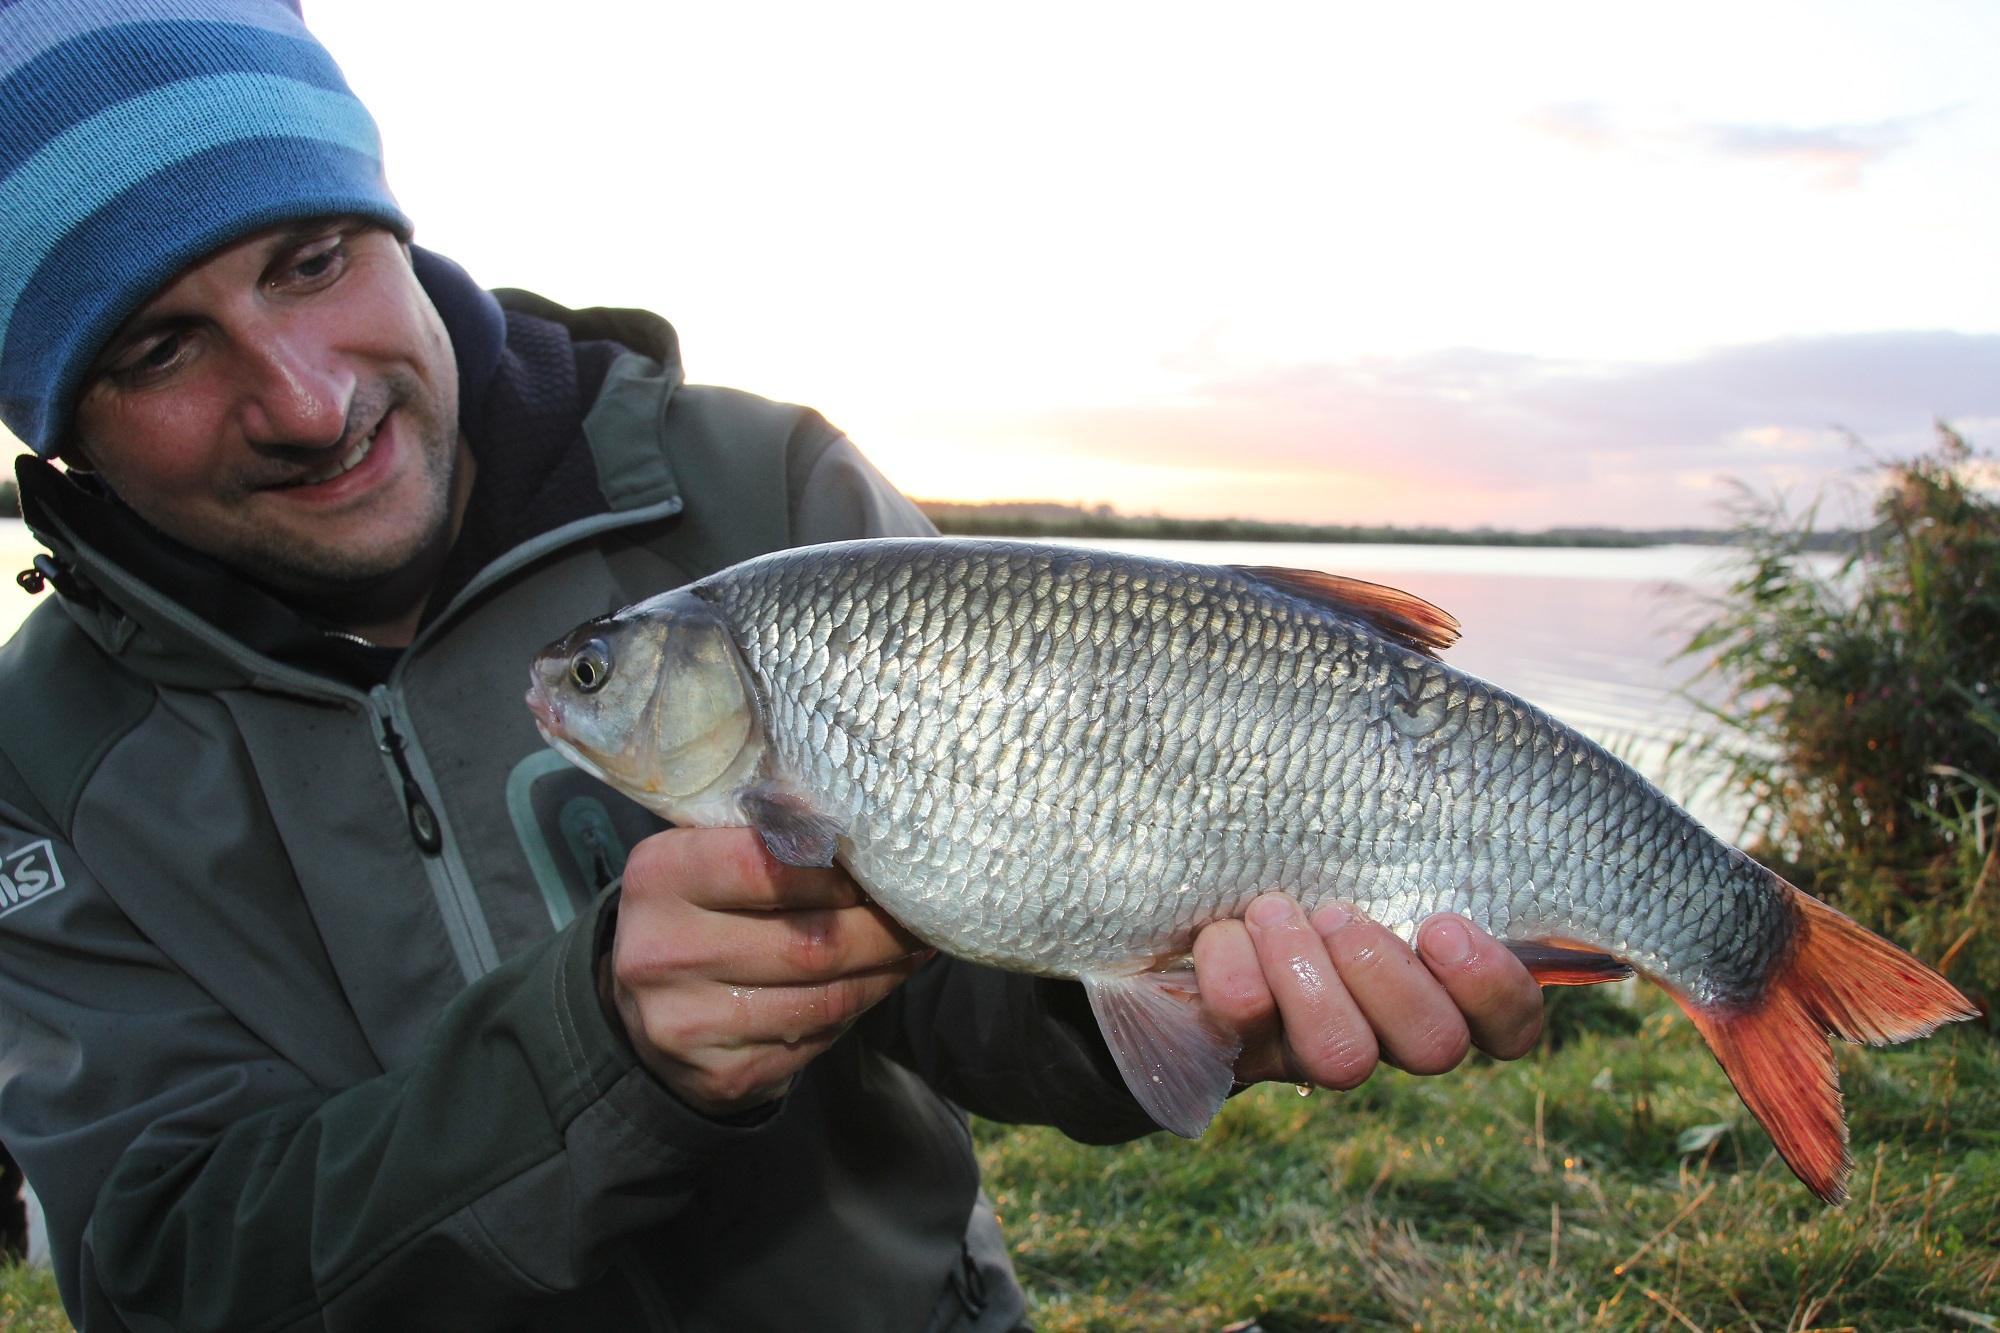 Der Aland kommt hauptsächlich in Flüssen vor, ist aber auch in manchen Seen und im Brackwasser der Ostsee anzutreffen (Foto: Jesco Peschutter)